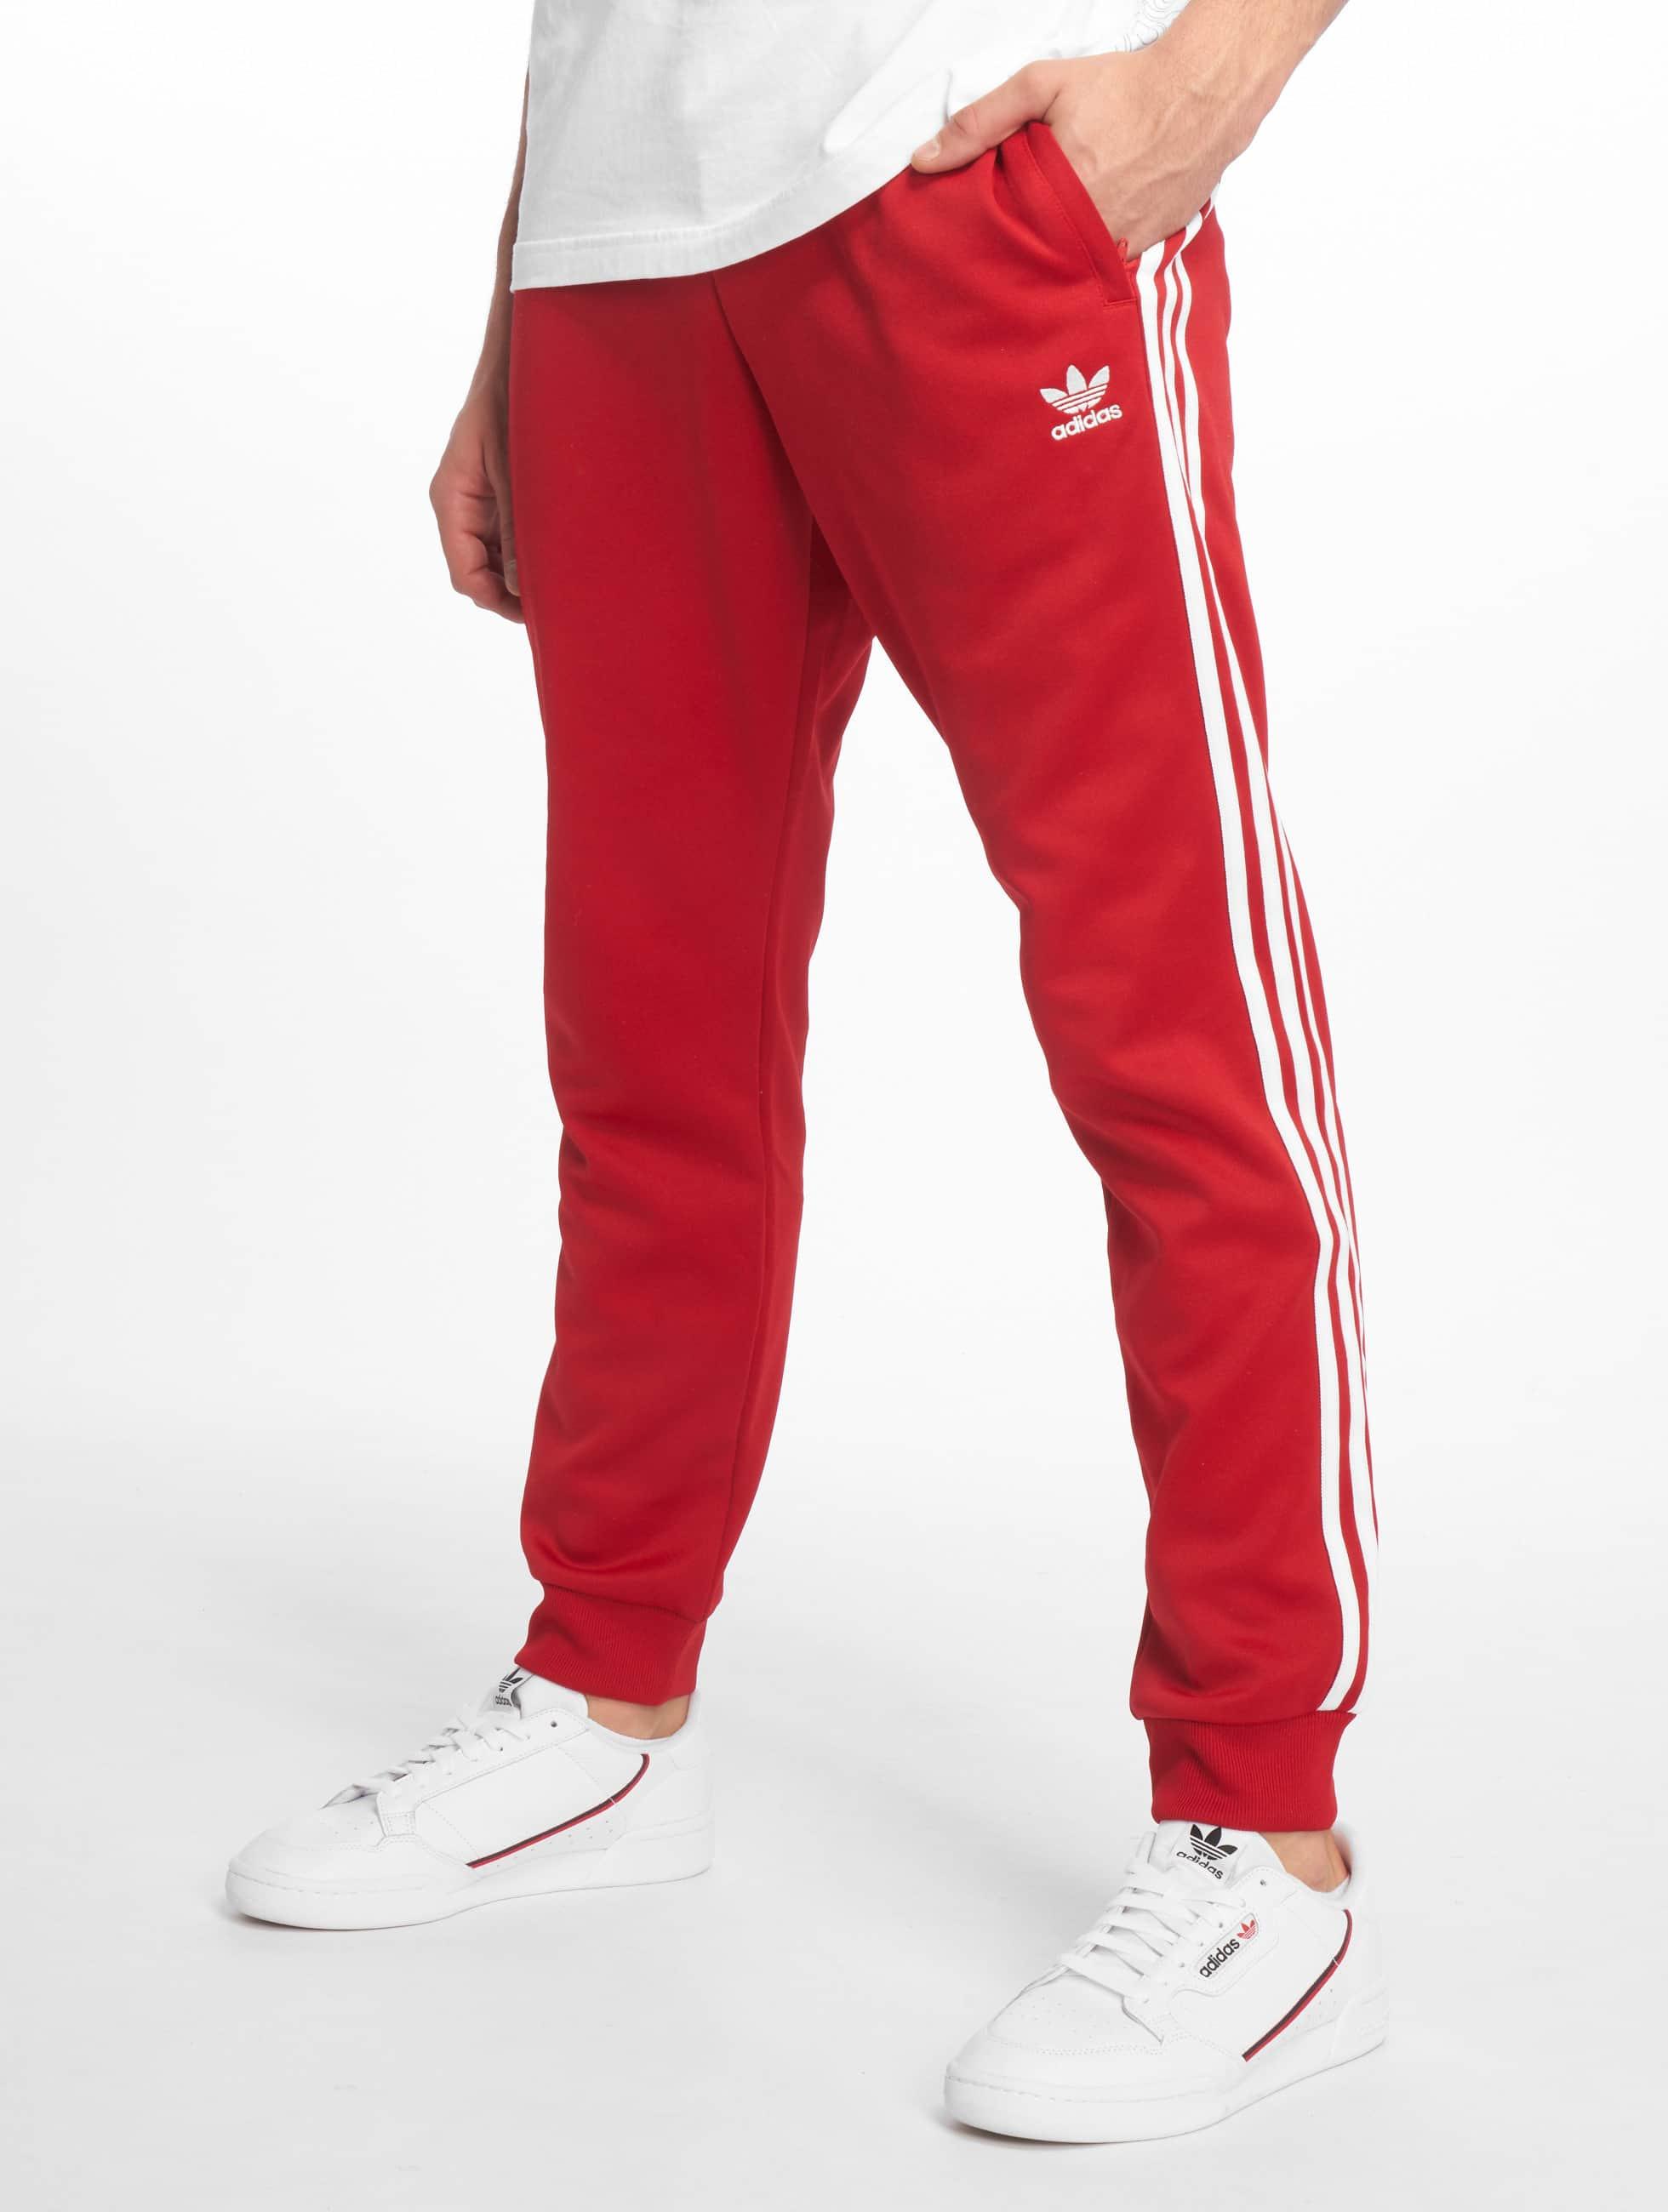 837dfe11f42 adidas originals broek / joggingbroek SST in rood 599332